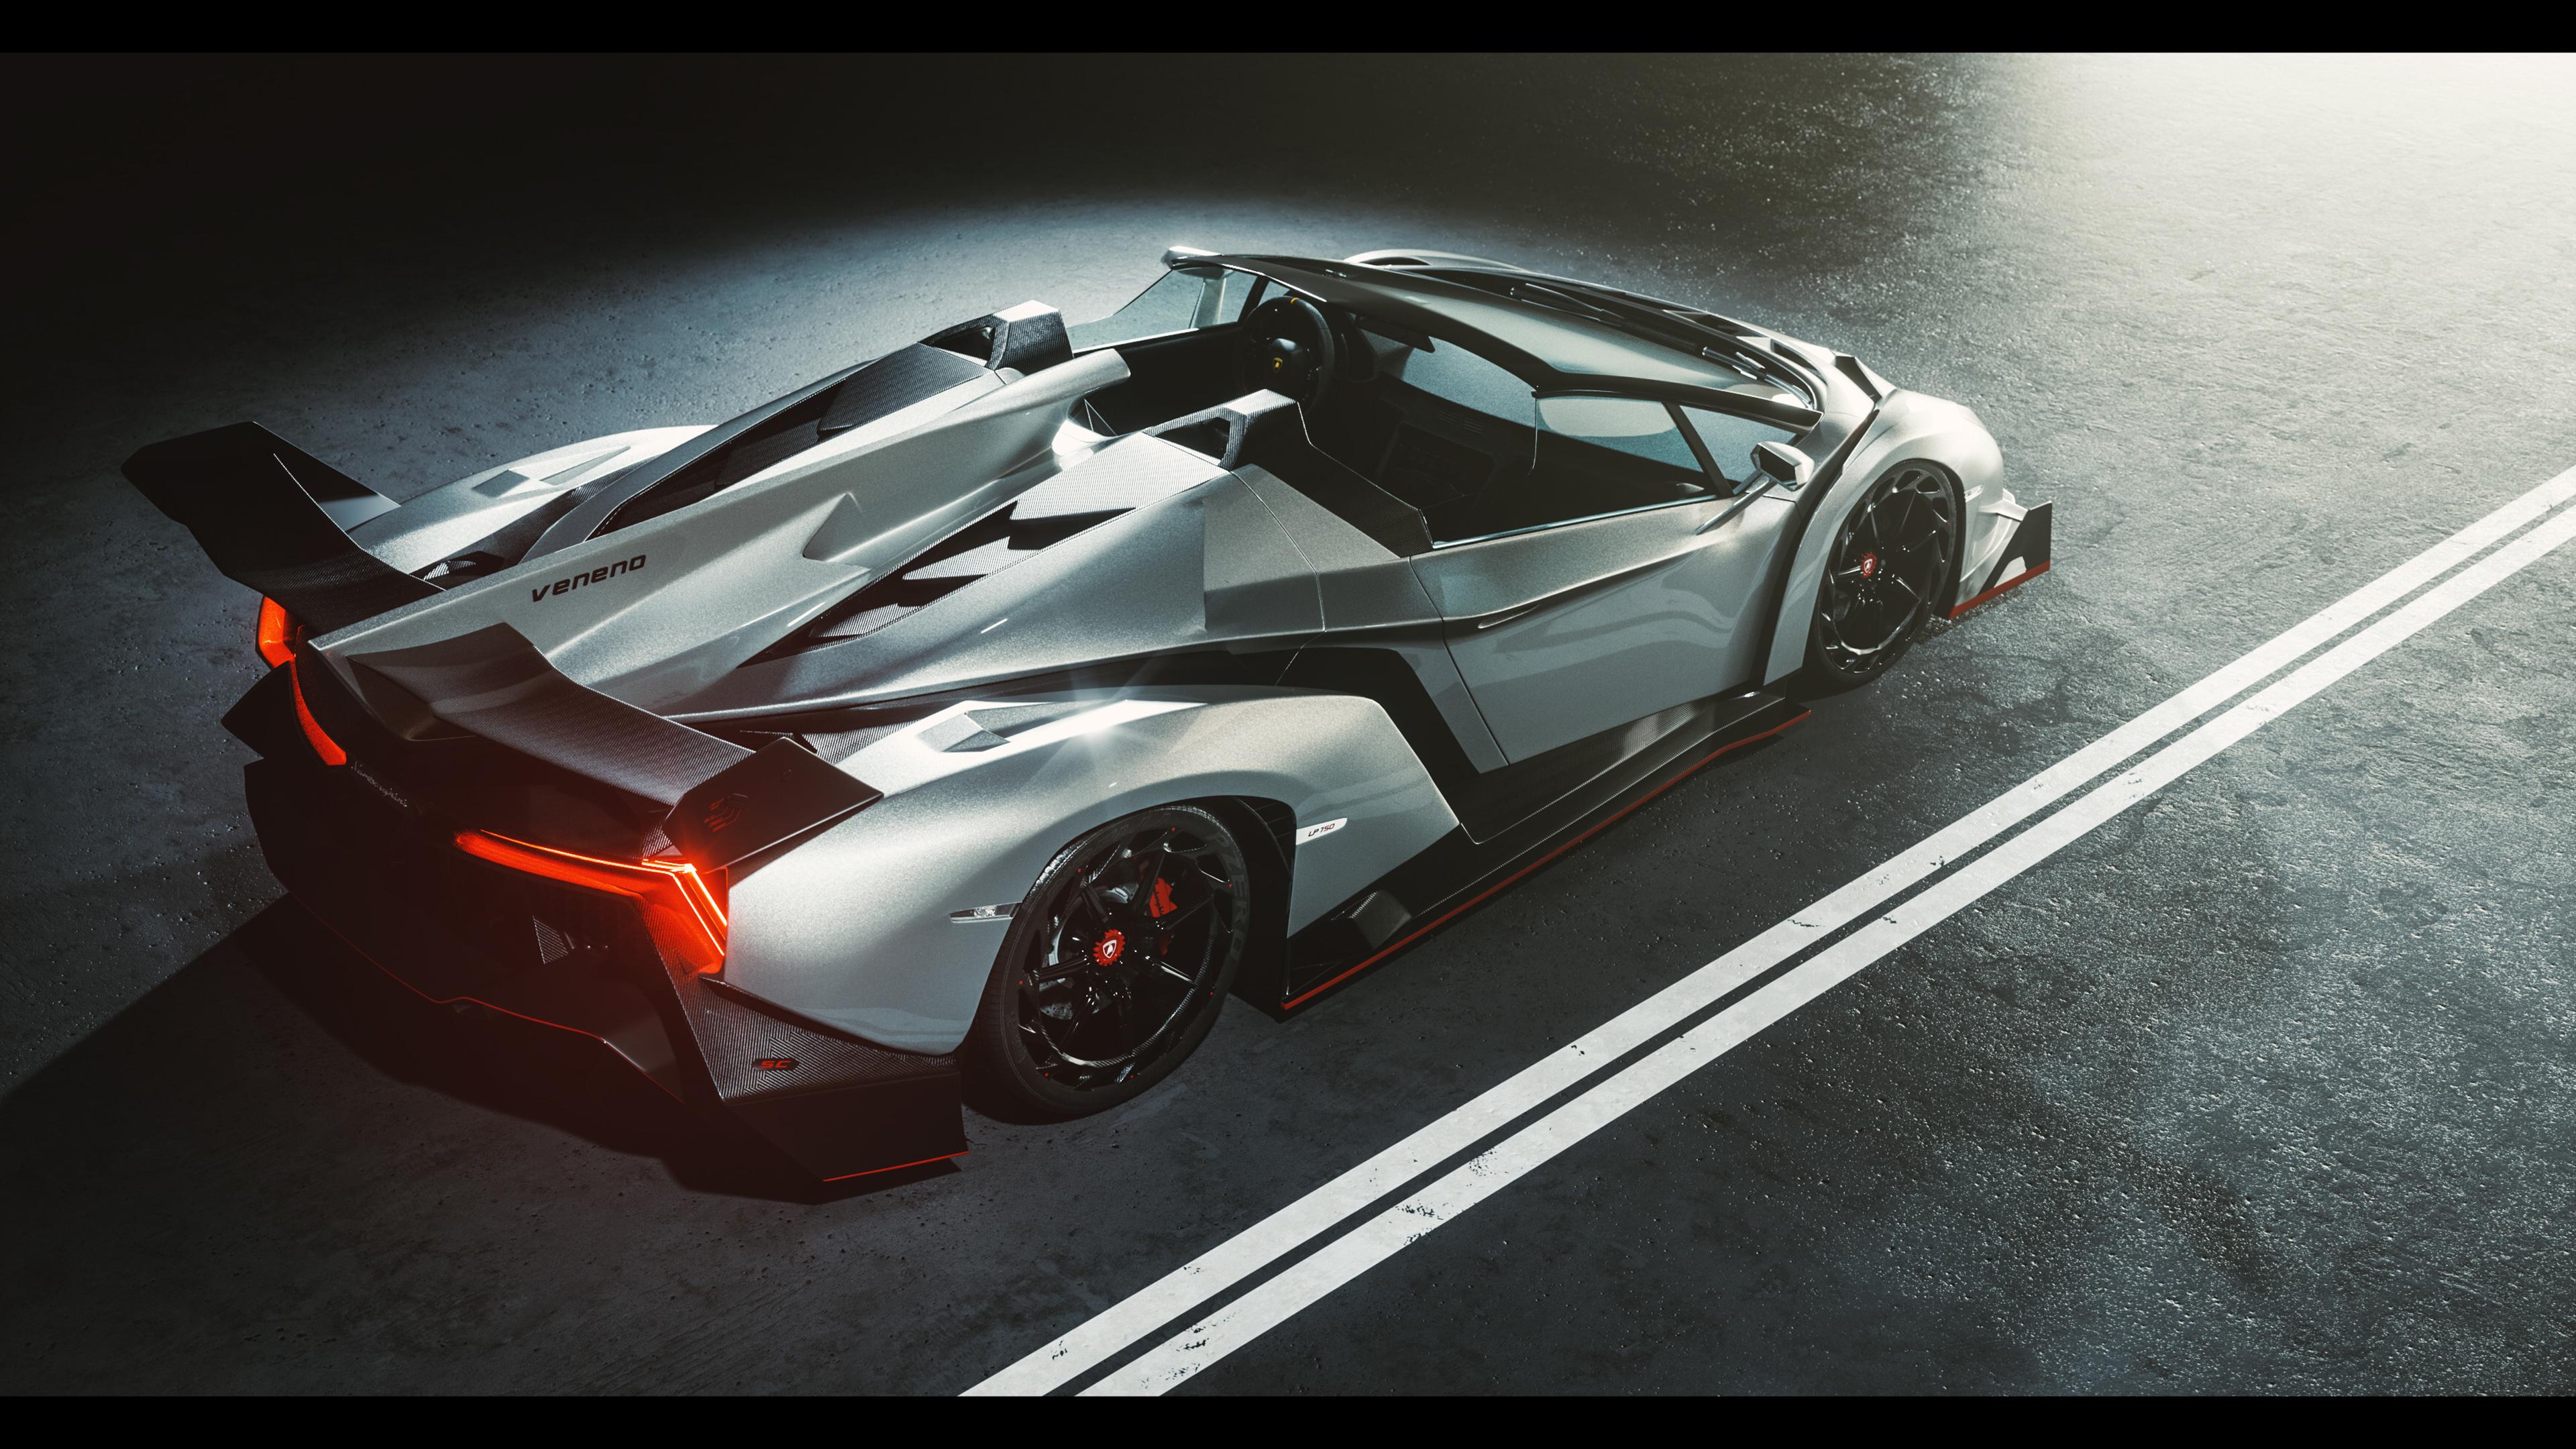 Lamborghini Veneno 4k Wallpaper Hd Car Wallpapers Id 10783